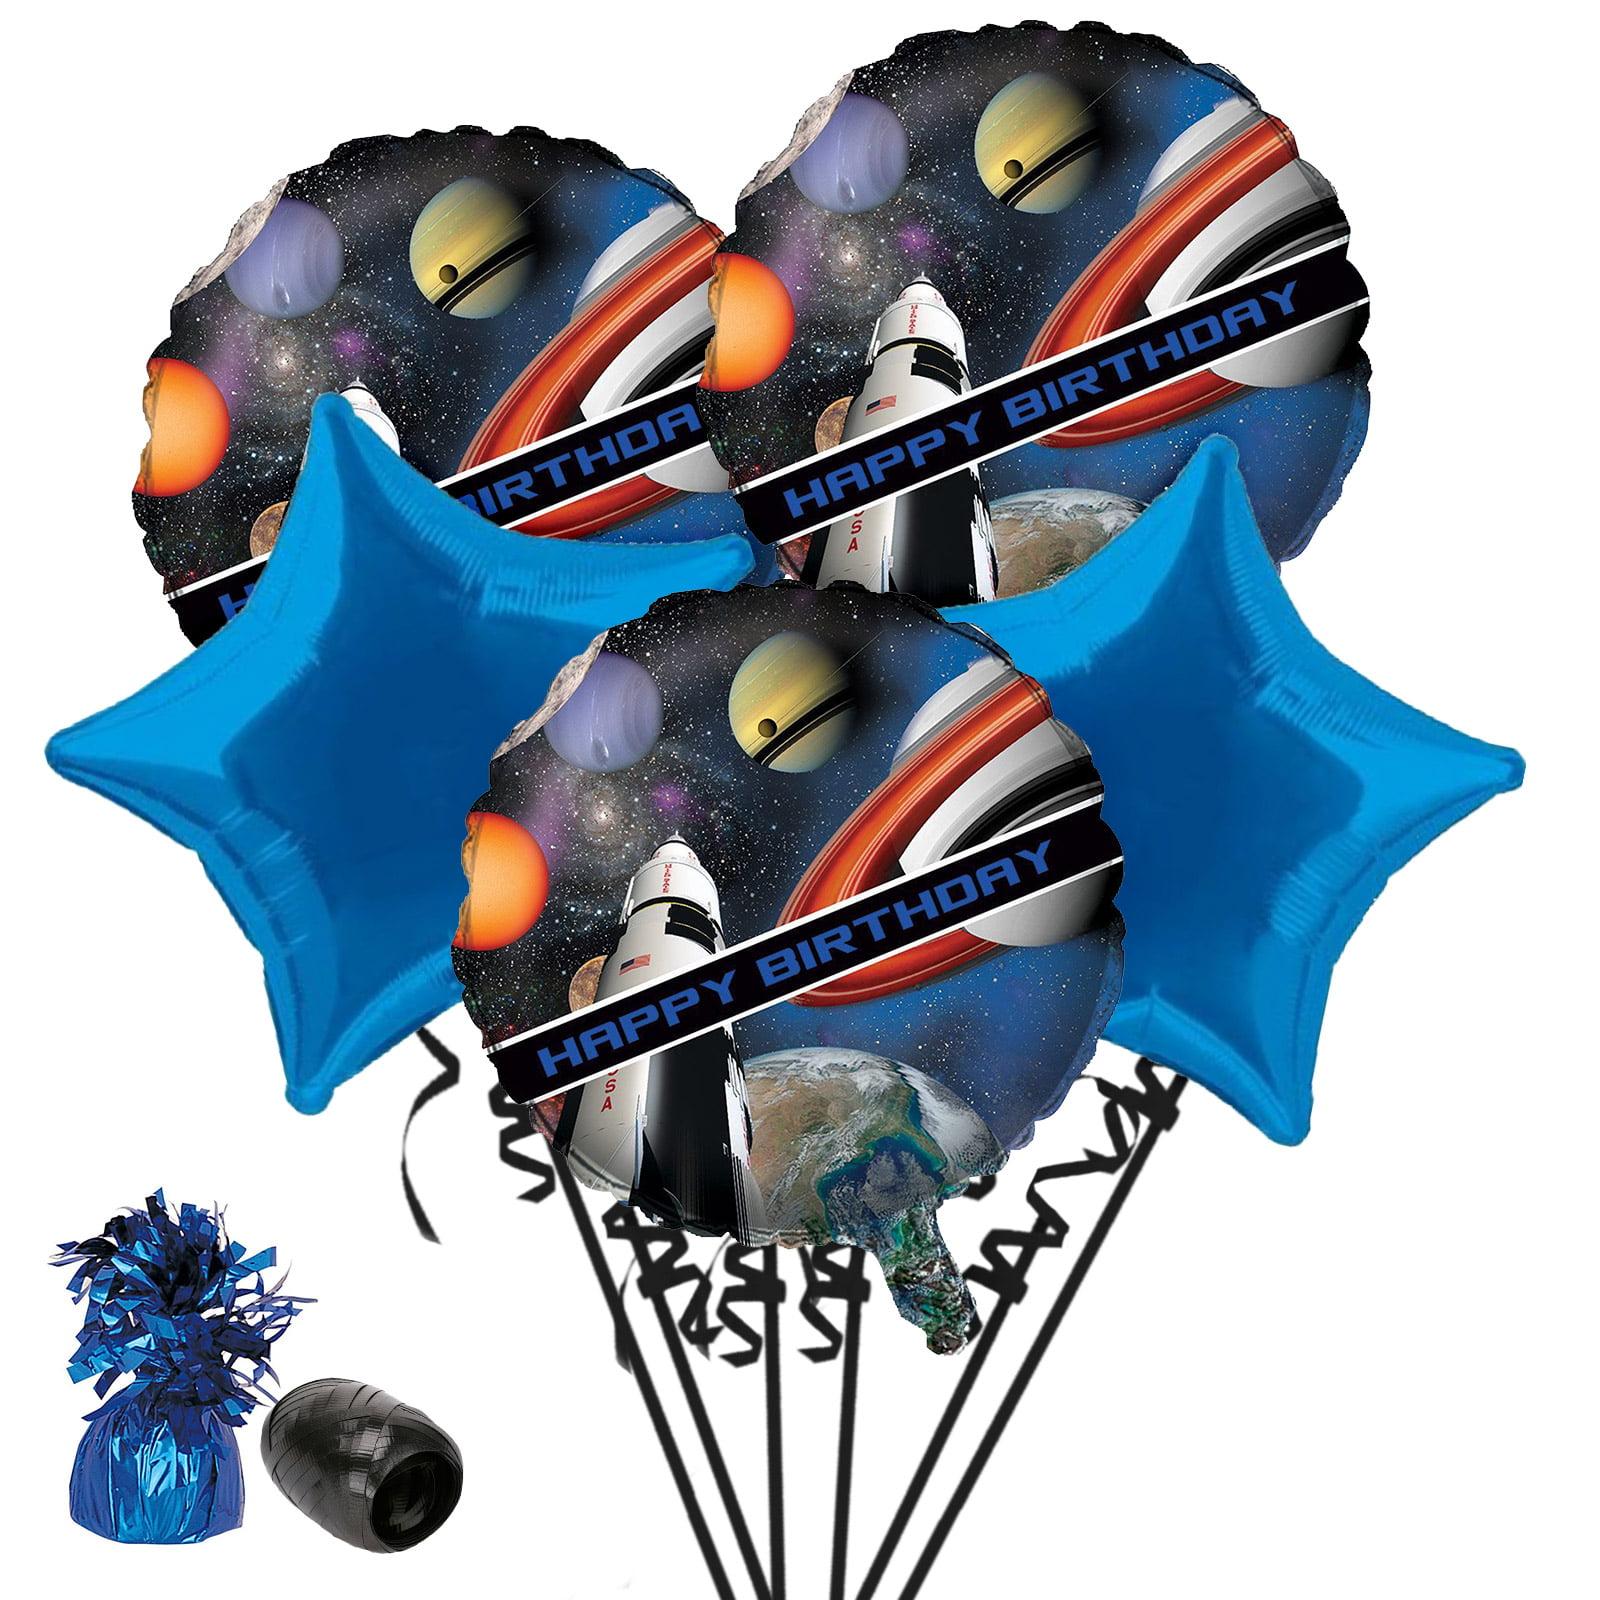 Space Blast Birthday Balloon Bouquet Kit